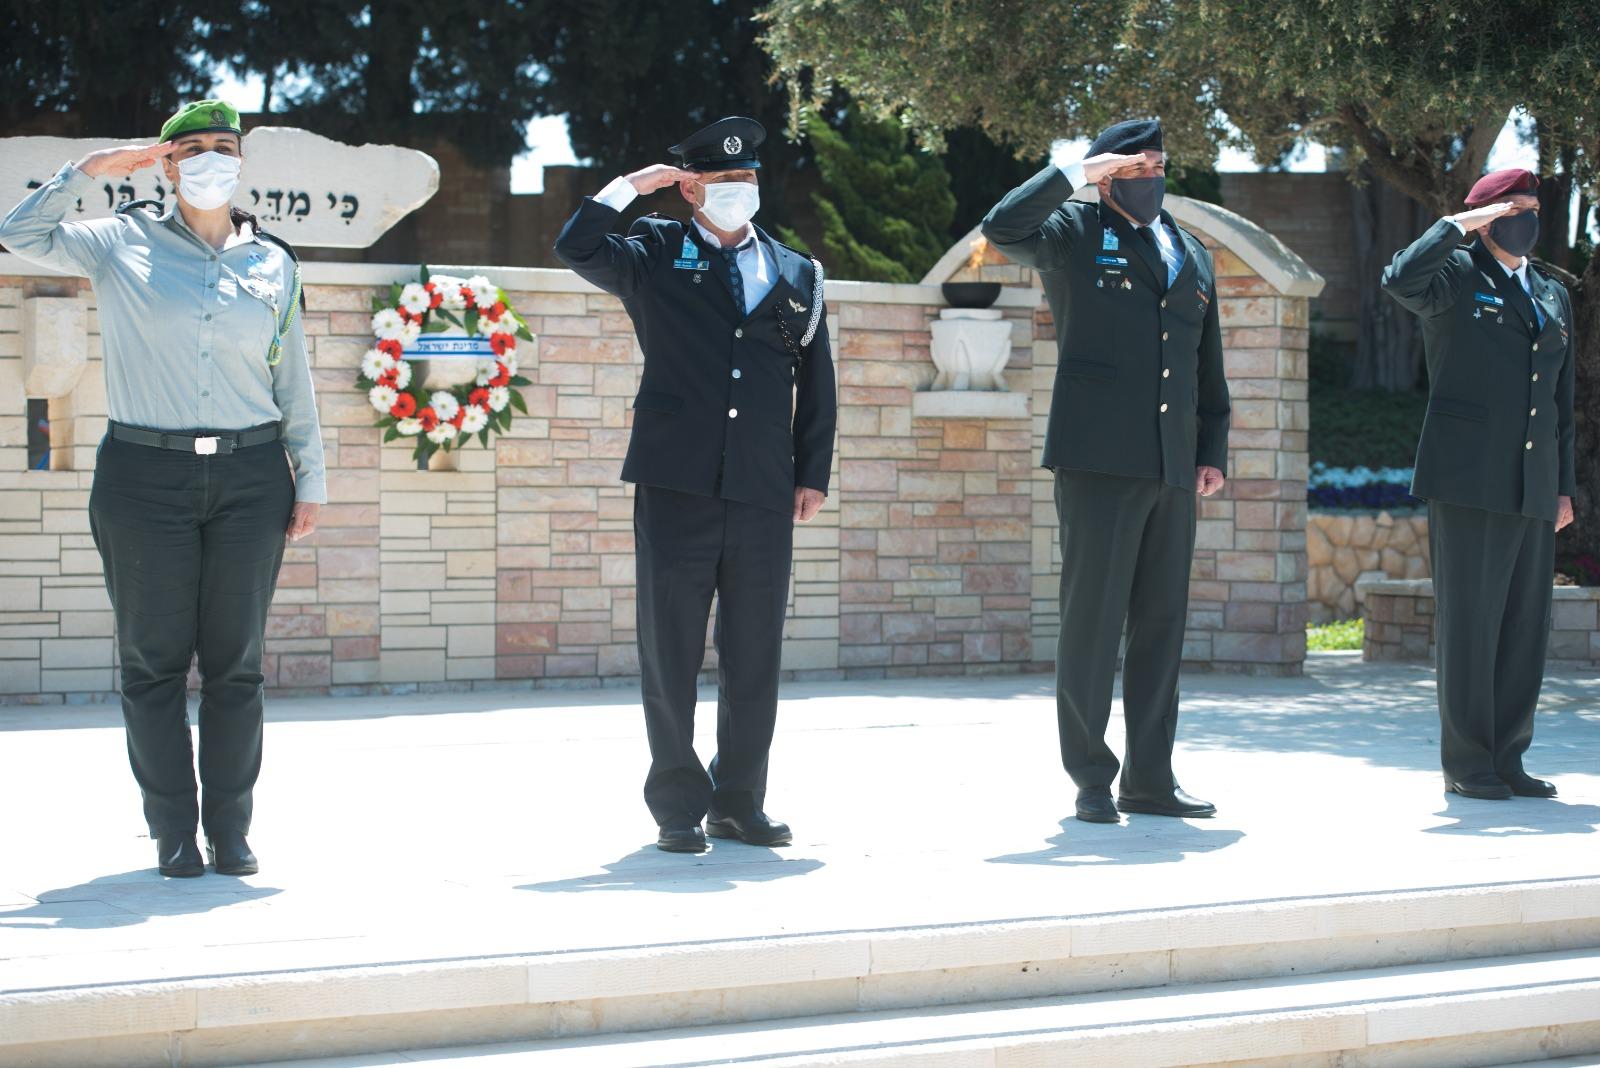 סגן ראש המטה הכללי, אלוף אייל זמיר וראש אגף המבצעים, אלוף אהרון חליוה